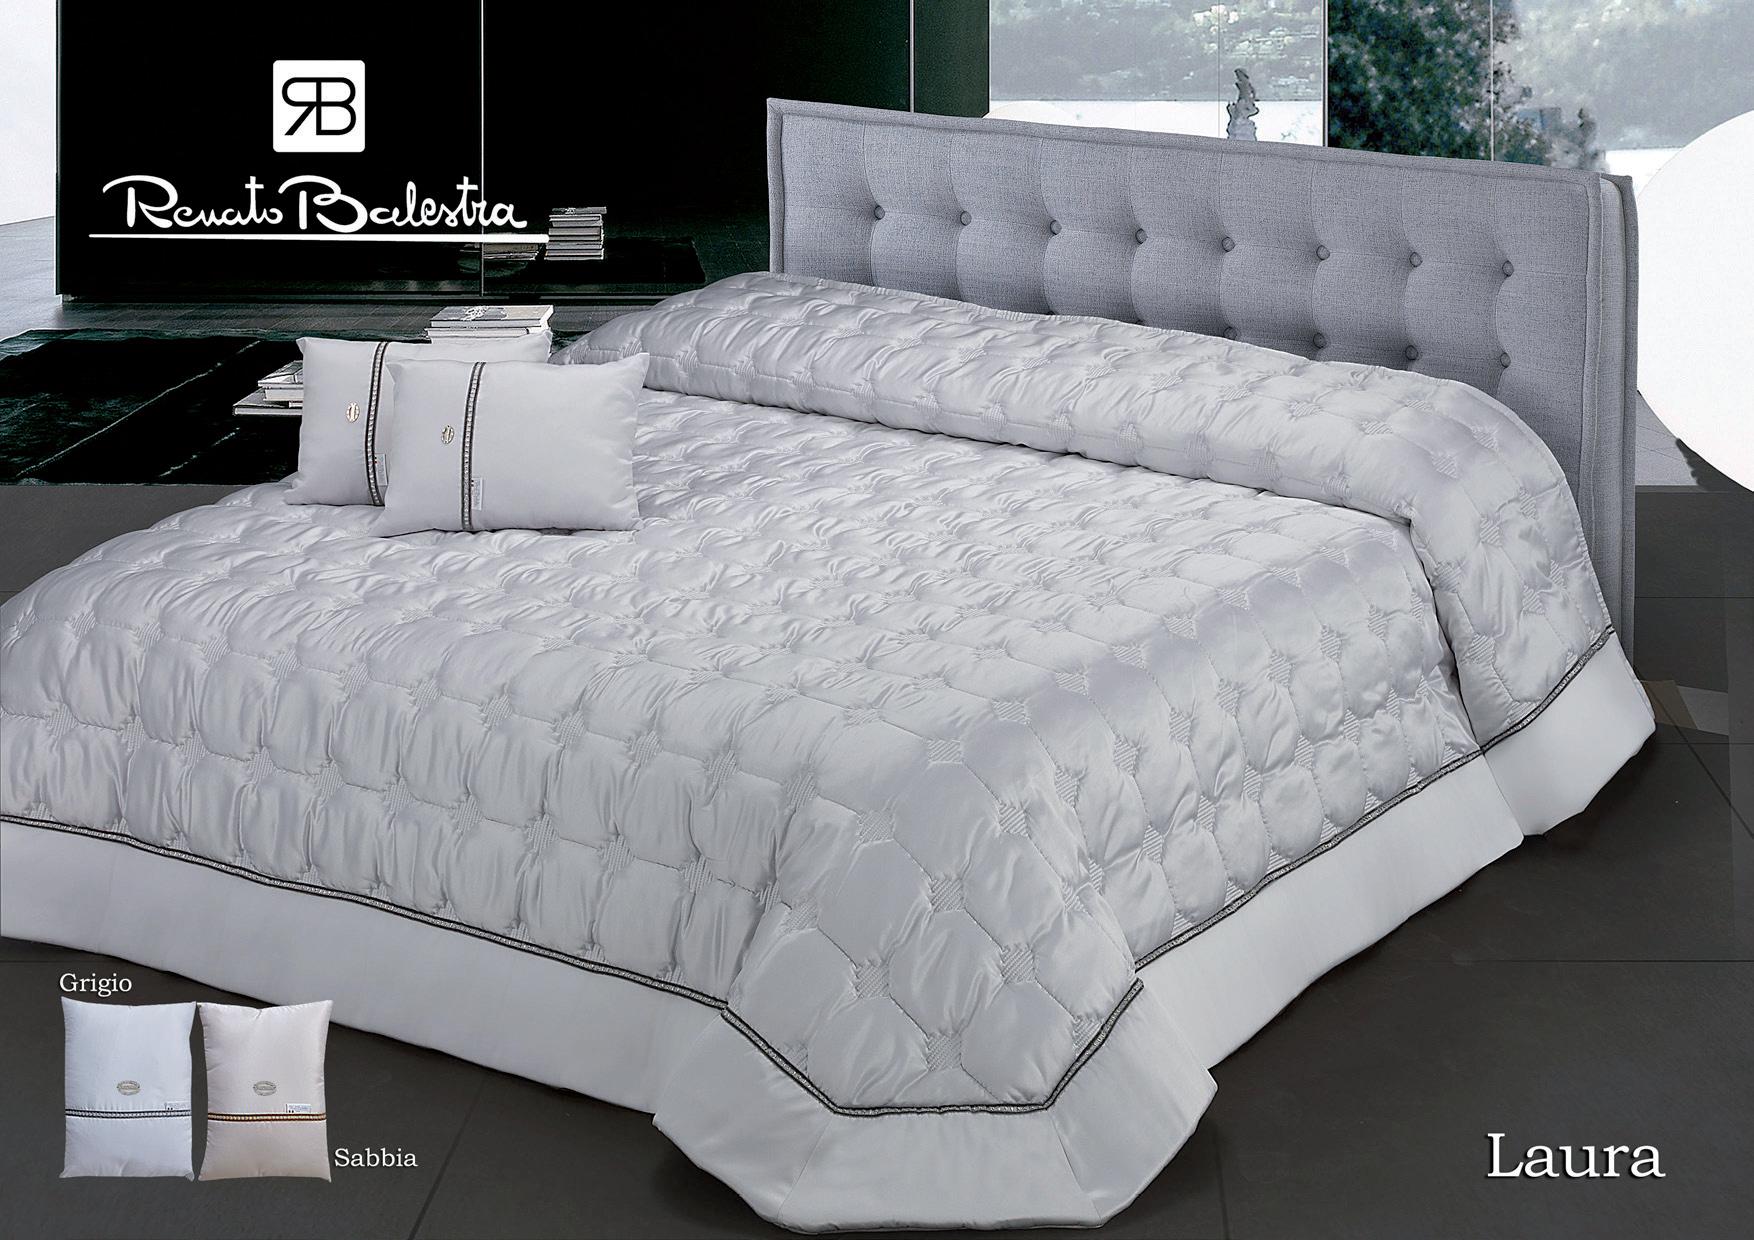 Trapunta renato balestra laura g l g store ingrosso dettaglio biancheria per la casa intimo - Copripoltrona letto ...